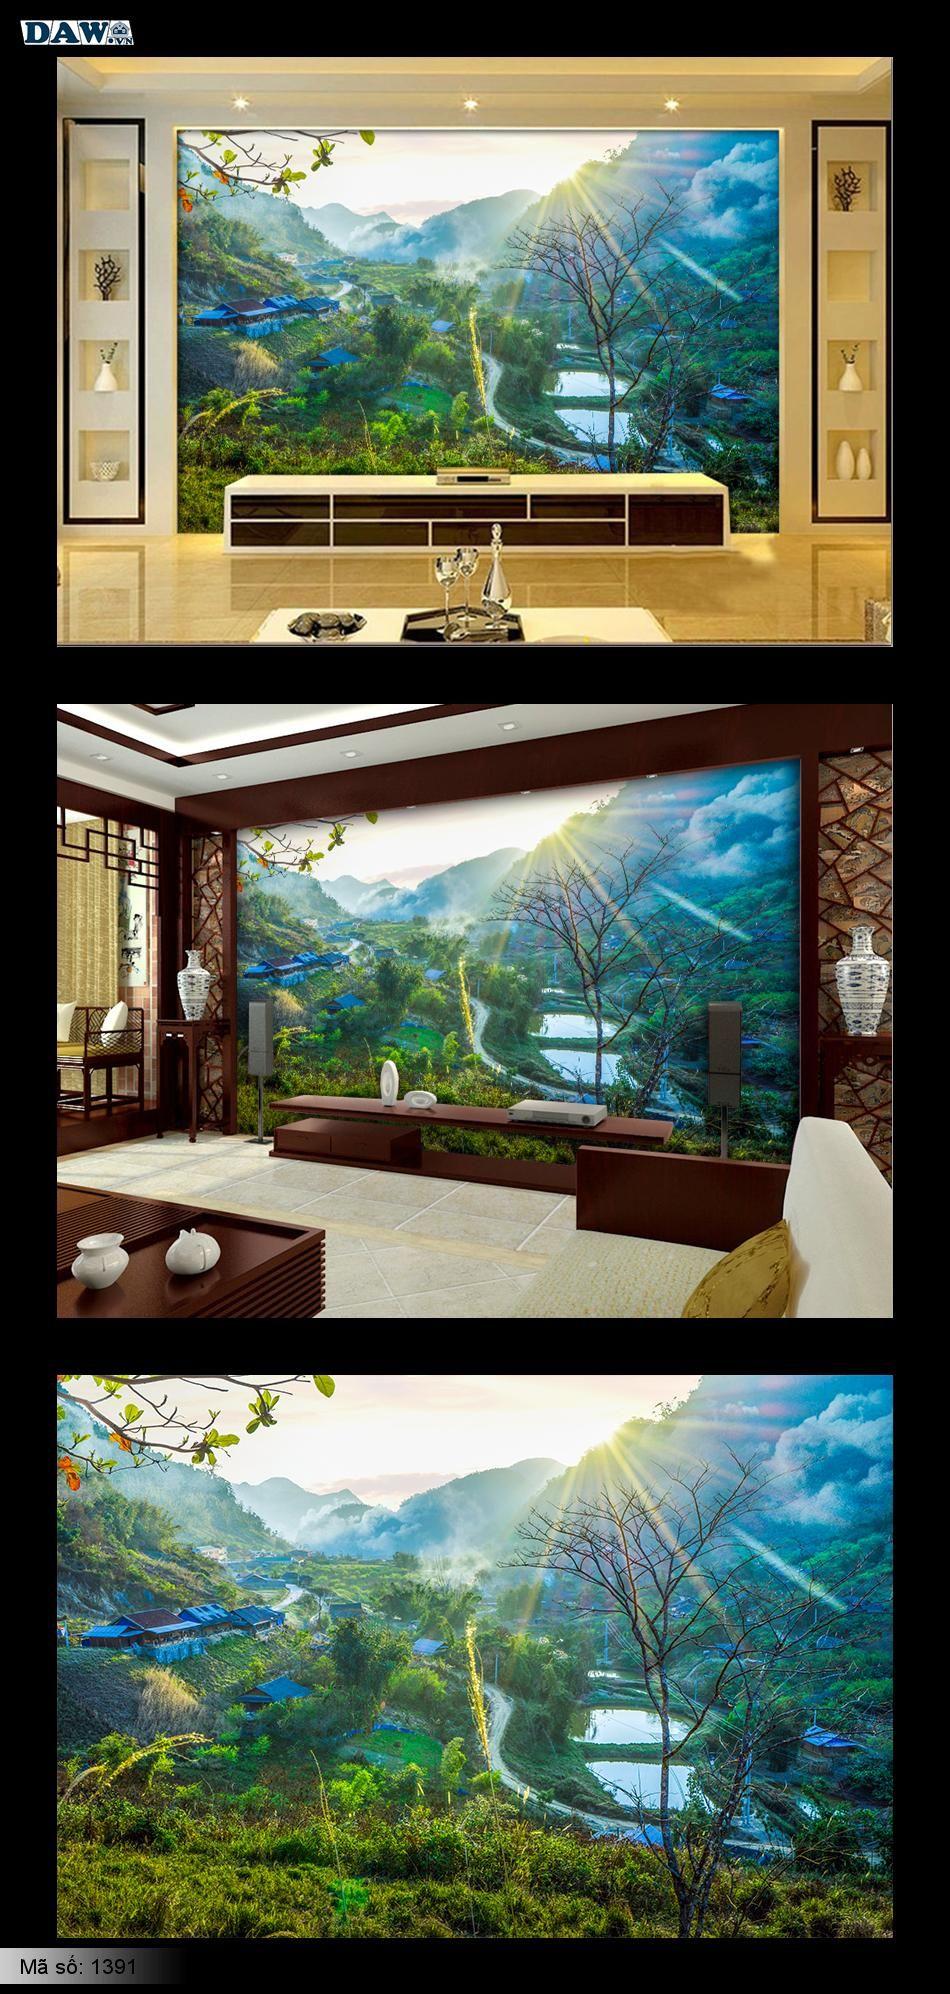 Tranh dán tường phong cảnh, phong cảnh đẹp, bình minh, hoàng hôn, Mường Lống, Kỳ Sơn 1391